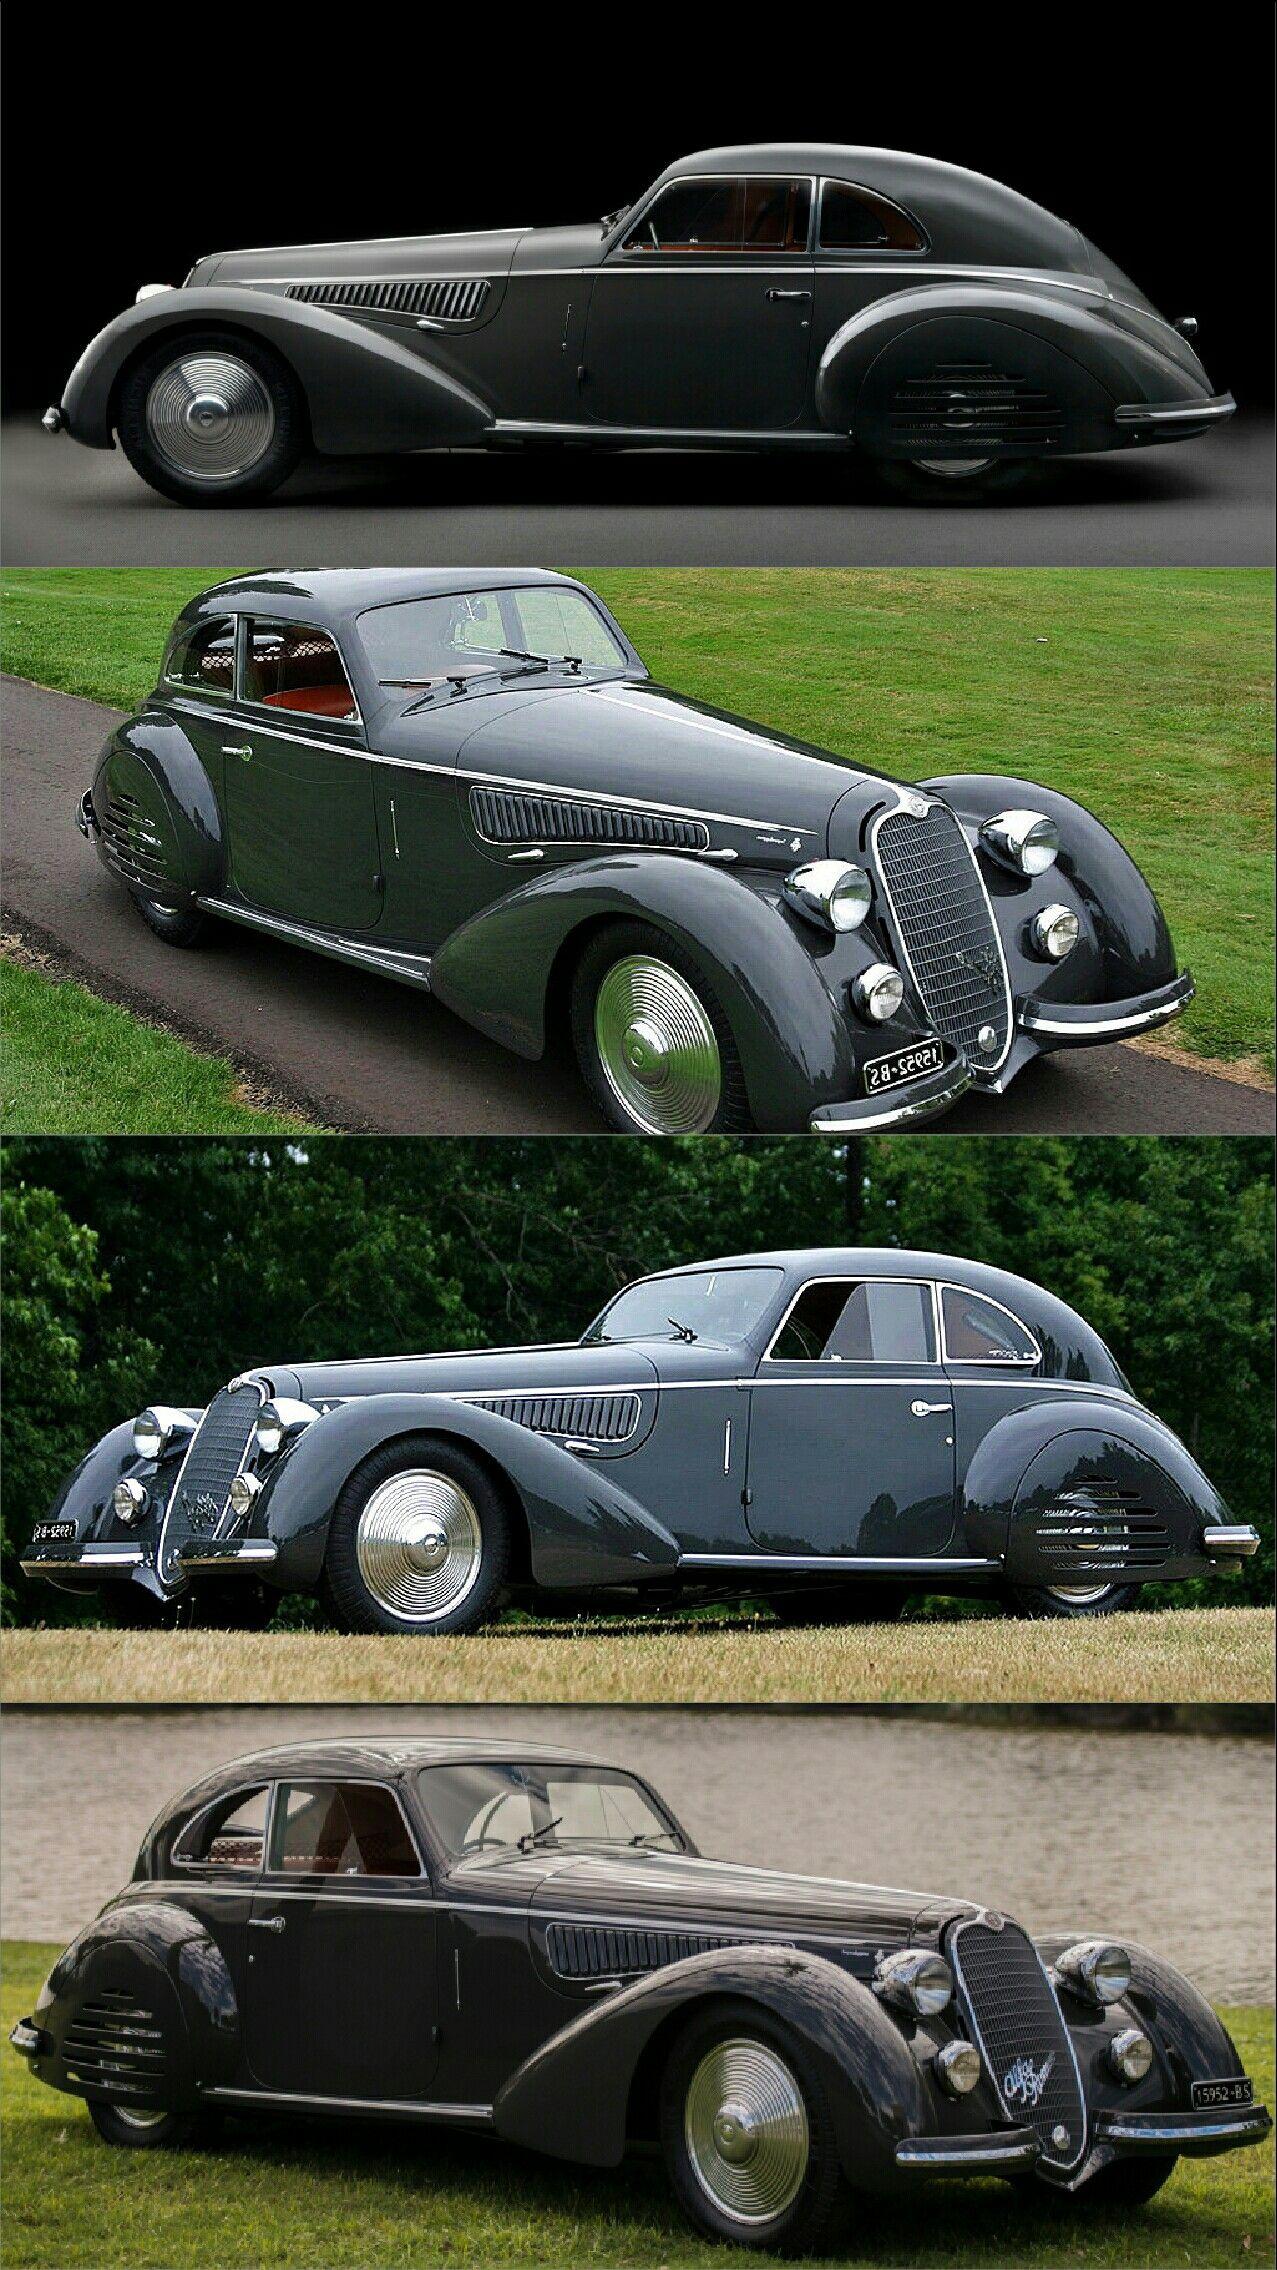 1938 Alfa Romeo 8c 2900b Lungo Touring Berlinetta  412 036